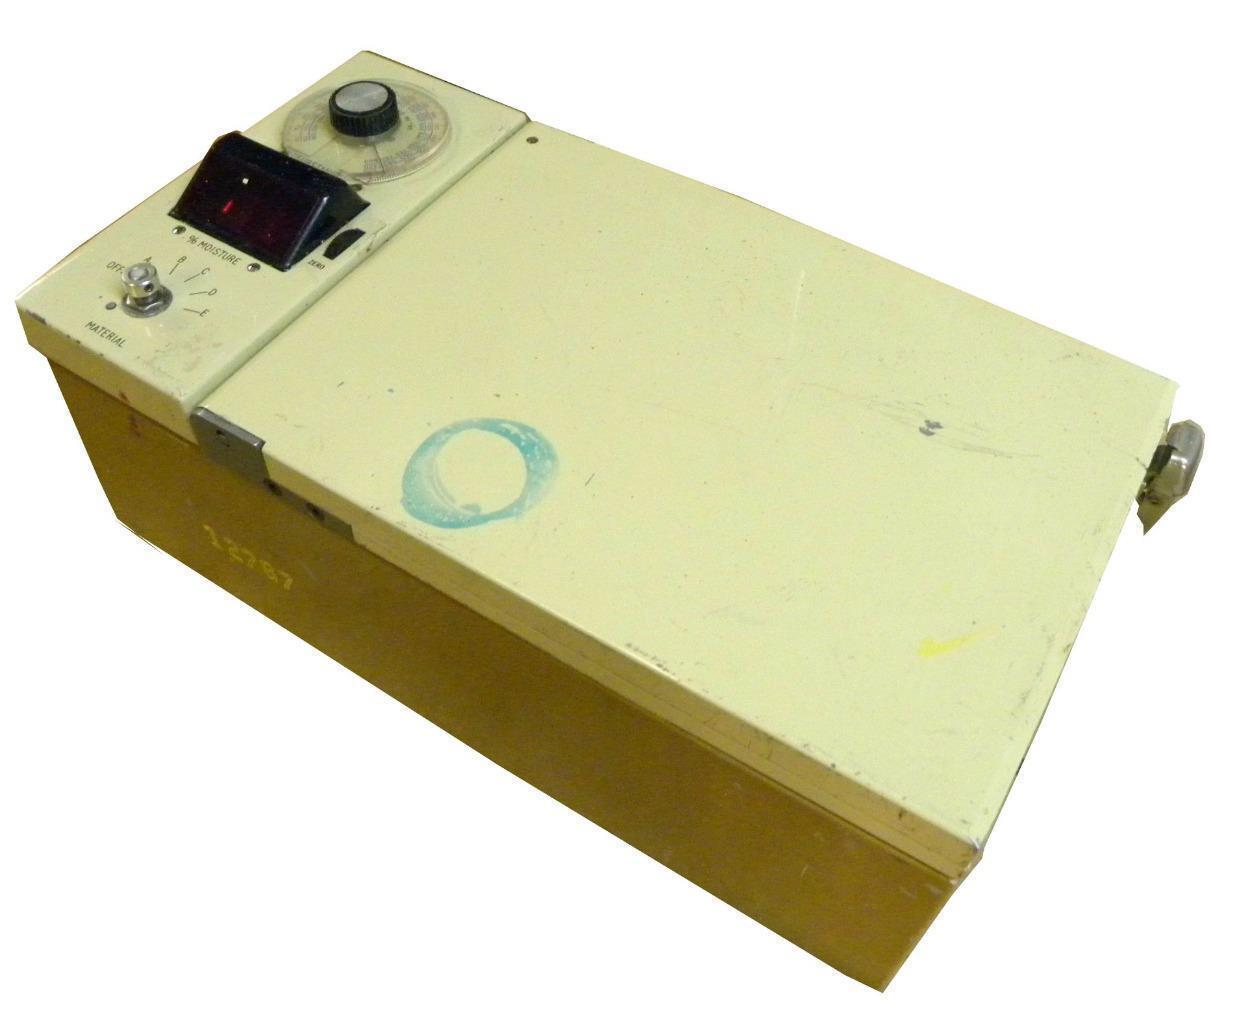 Rango Precisione 200 Igrometro 5 Serie - Venduto come È